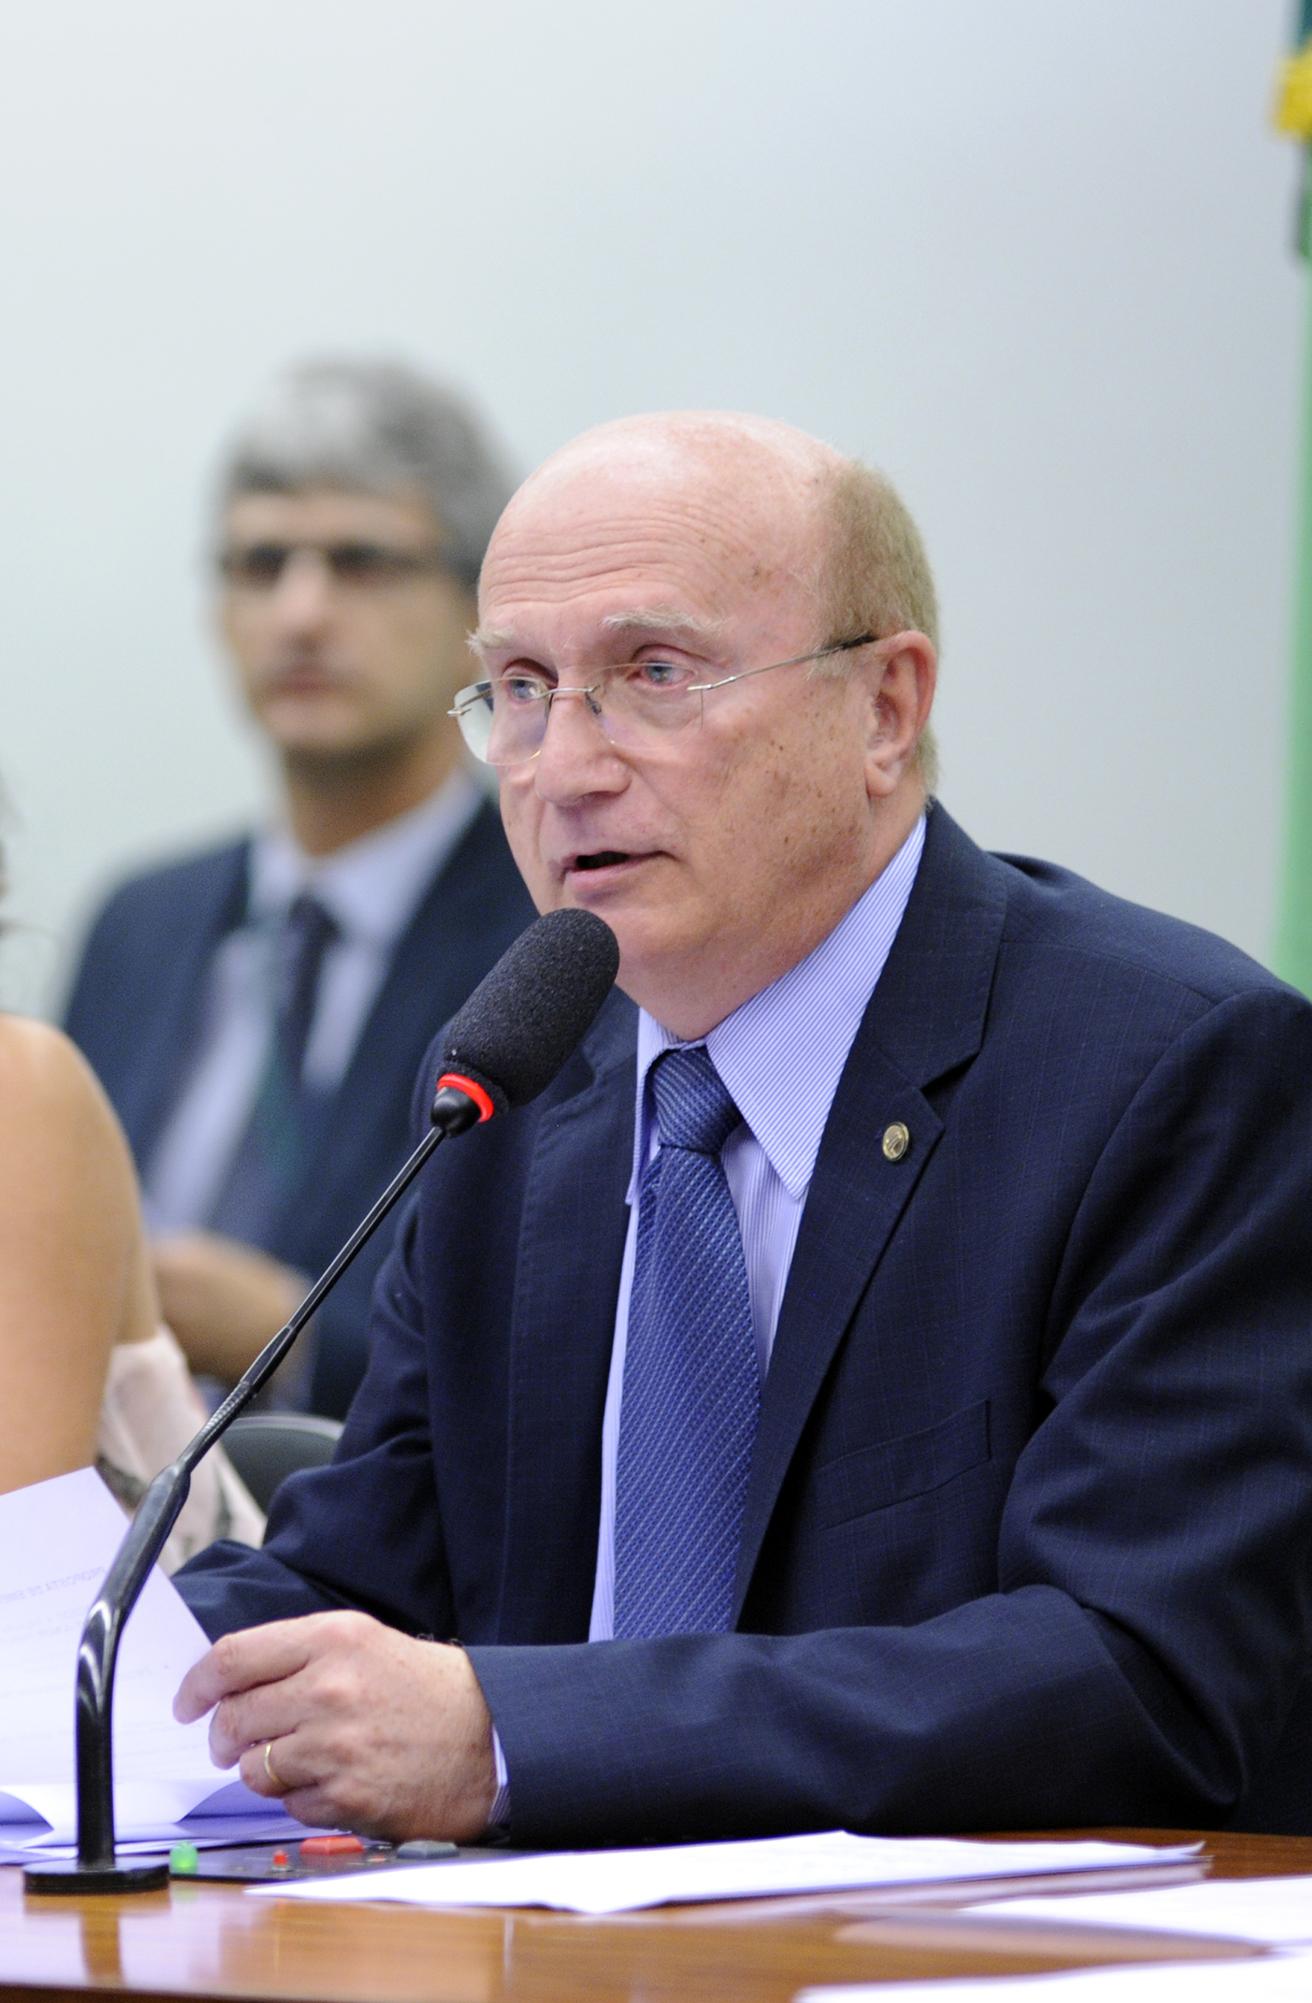 Reunião Extraordinária. Presidente da CCJC, dep. Osmar Serraglio (PMDB-PR)